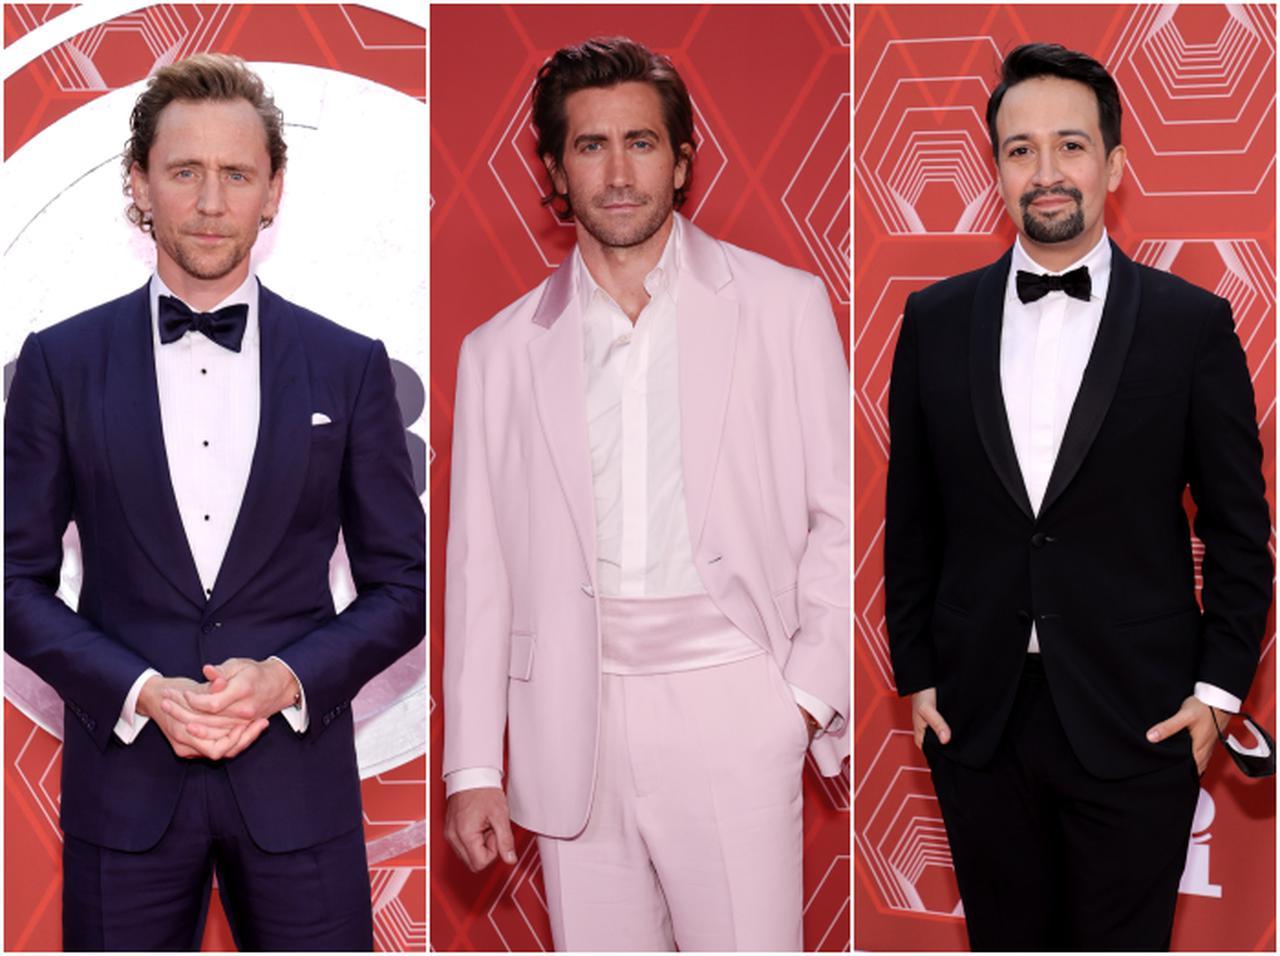 画像: 左から、トム・ヒドルストン、ジェイク・ギレンホール、リン=マニュエル・ミランダ